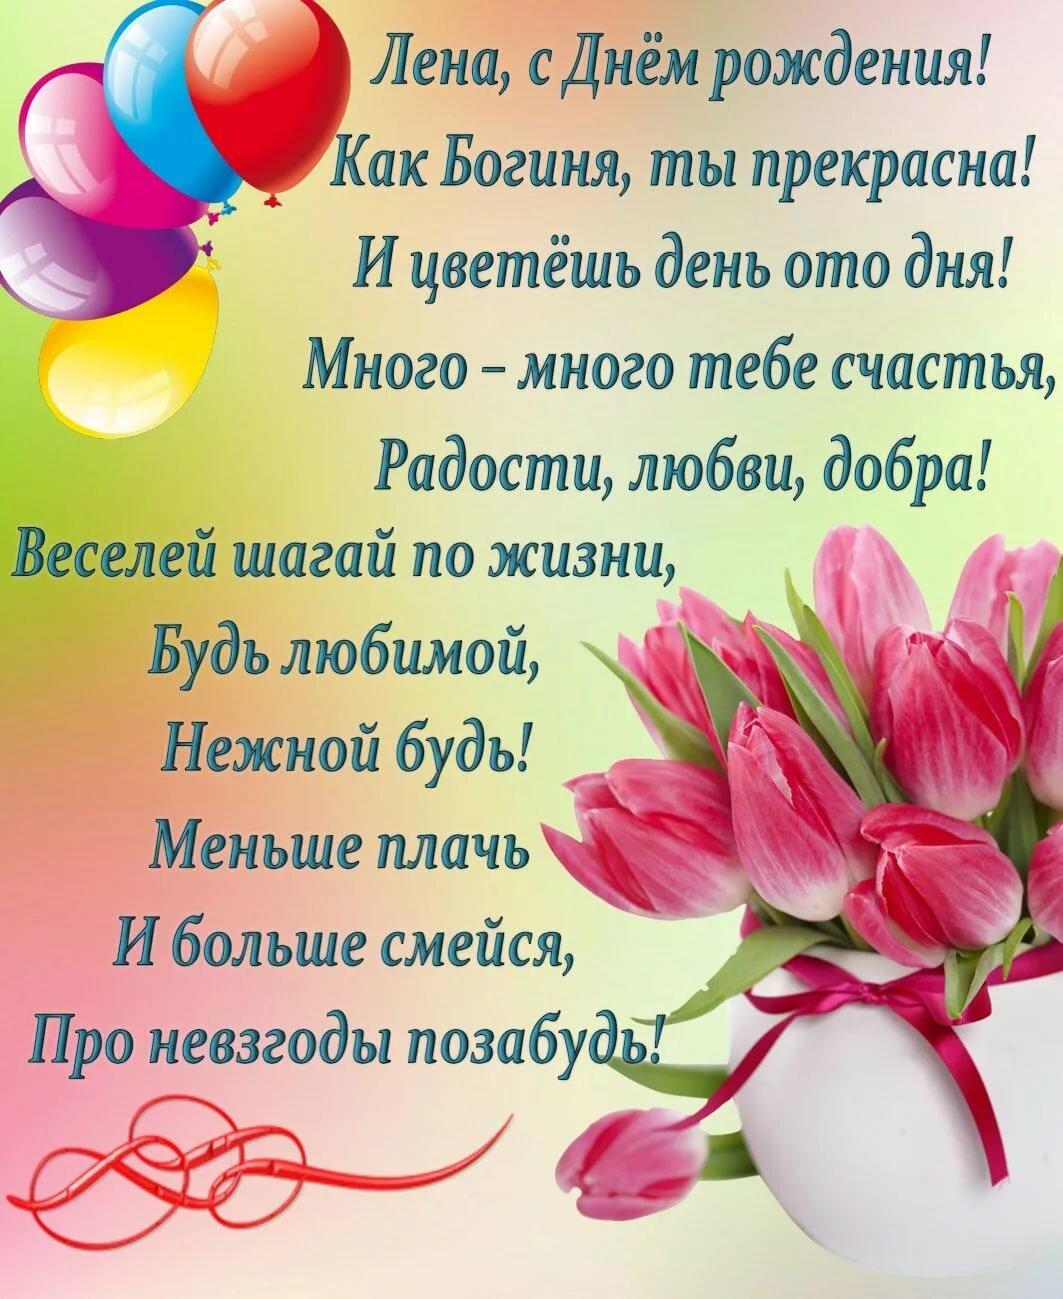 Днем рождения, открытка ко дню рождения елене